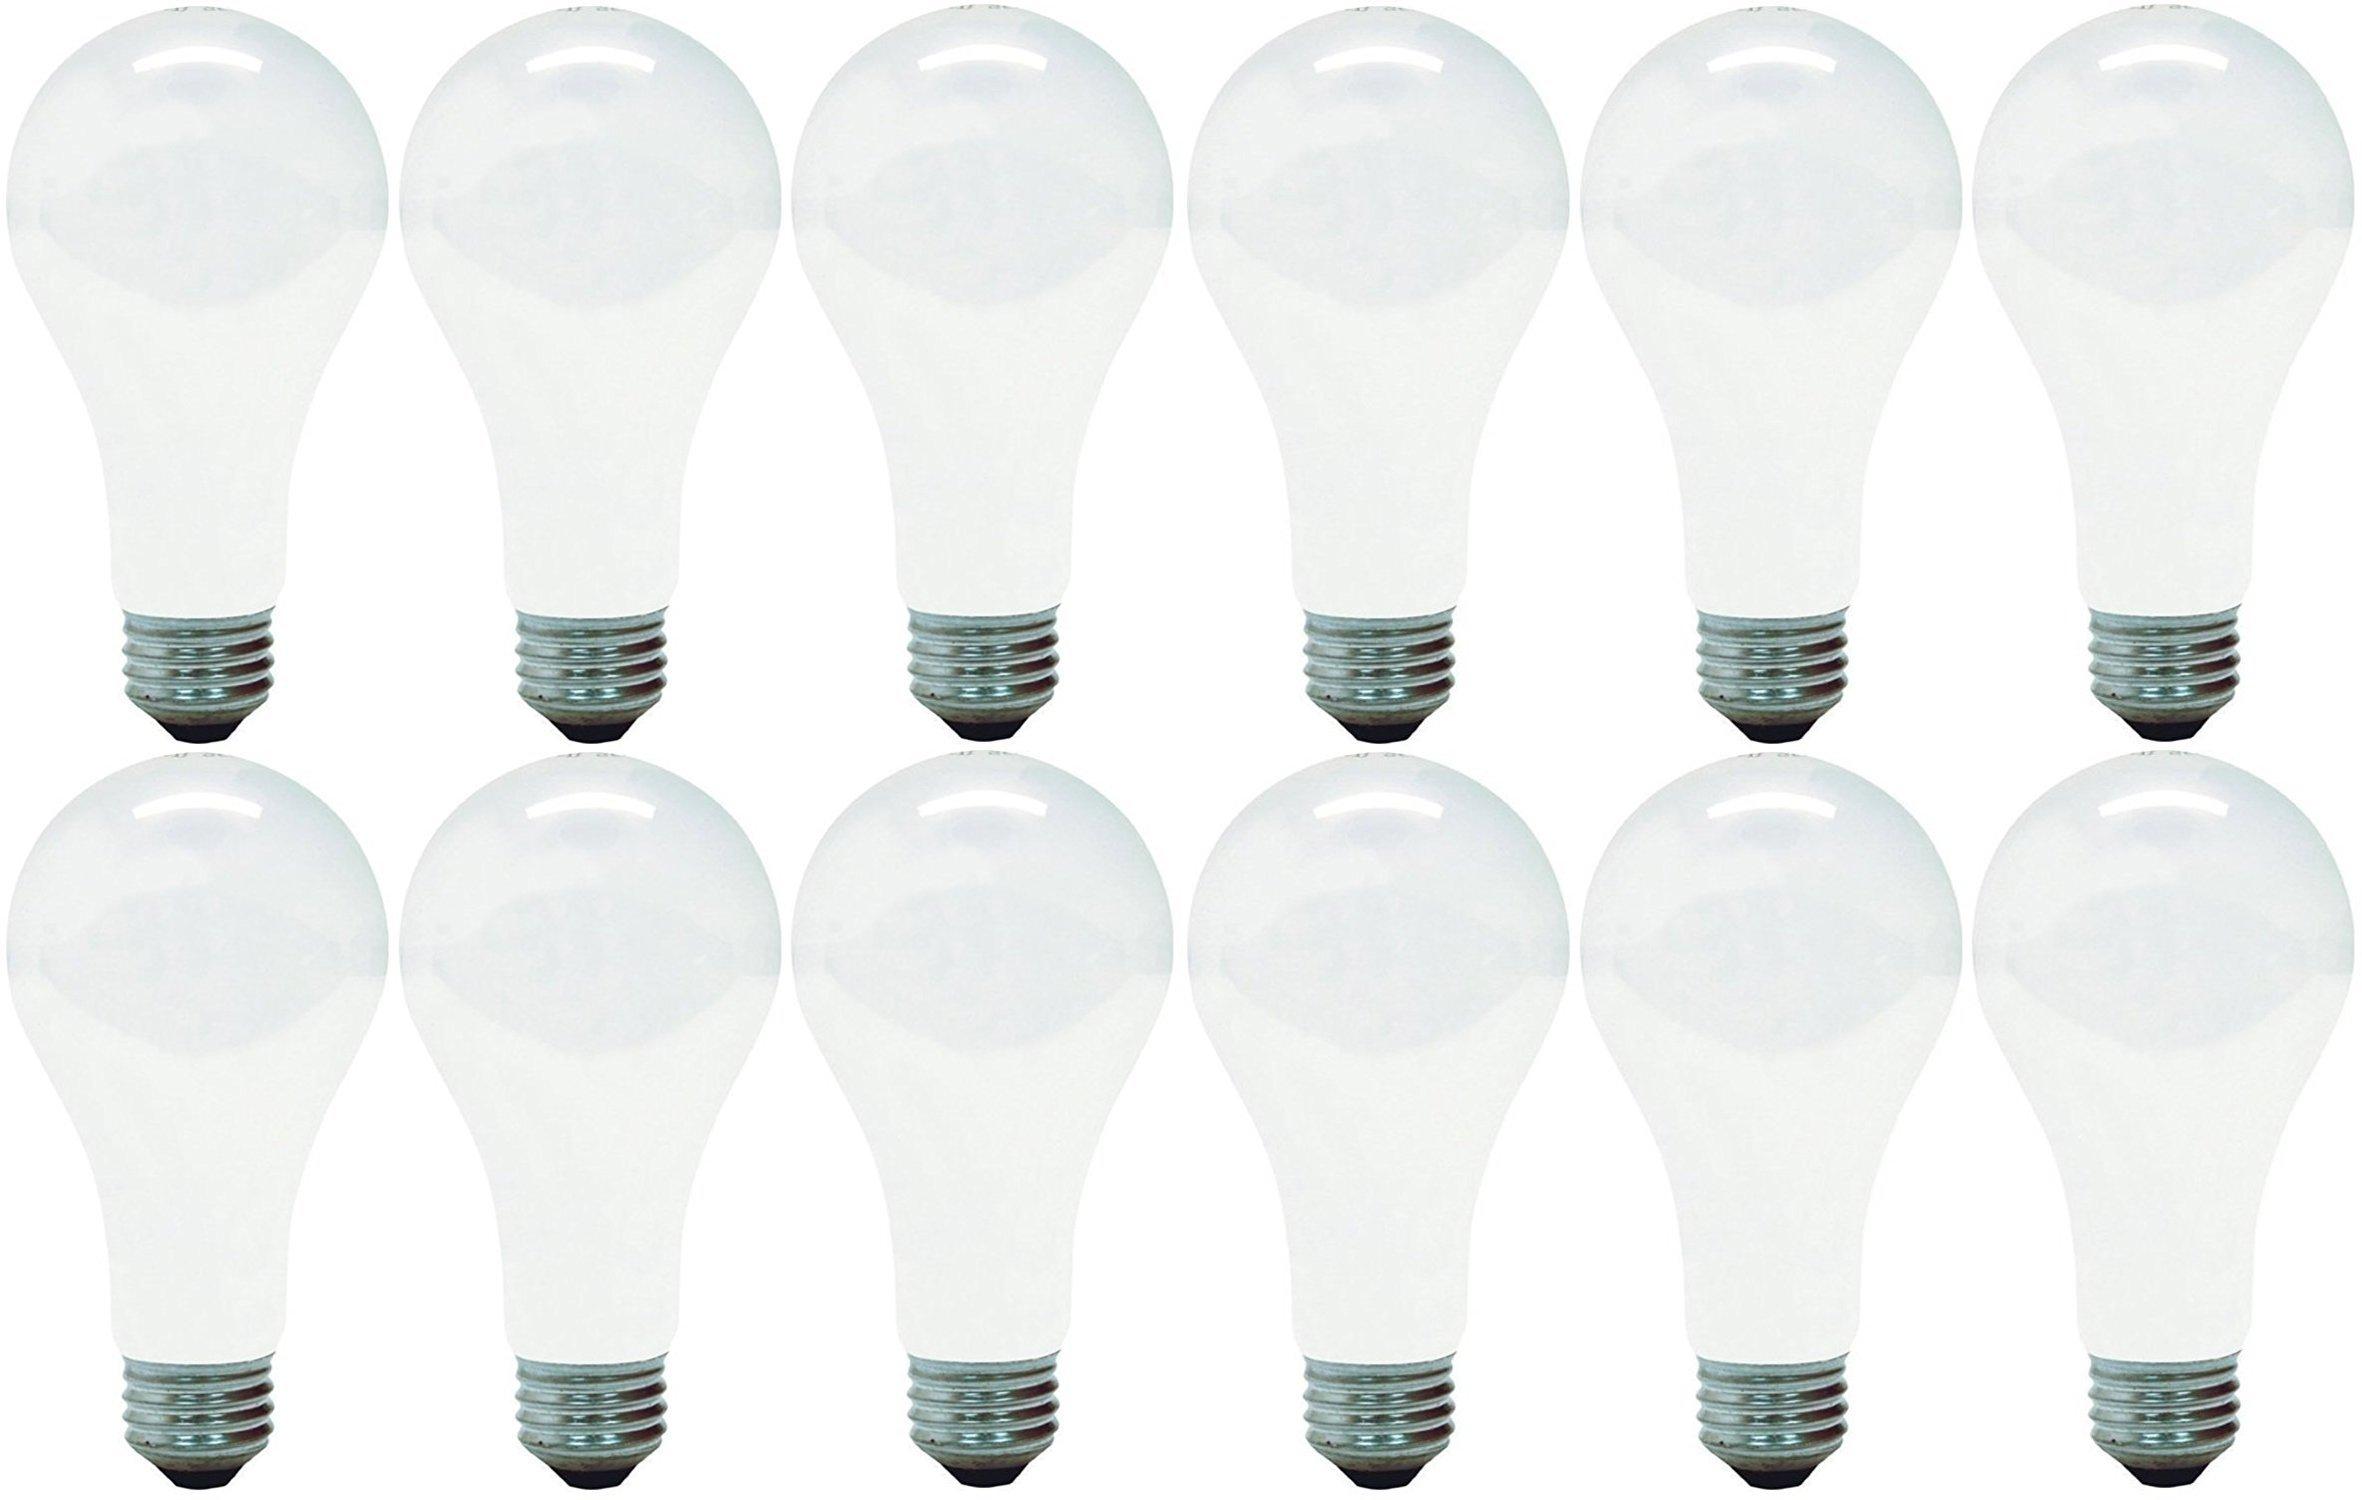 GE Lighting 10429 Soft White 150-Watt, 2680-Lumen A21 Light Bulb with Medium Base, 12-Pack